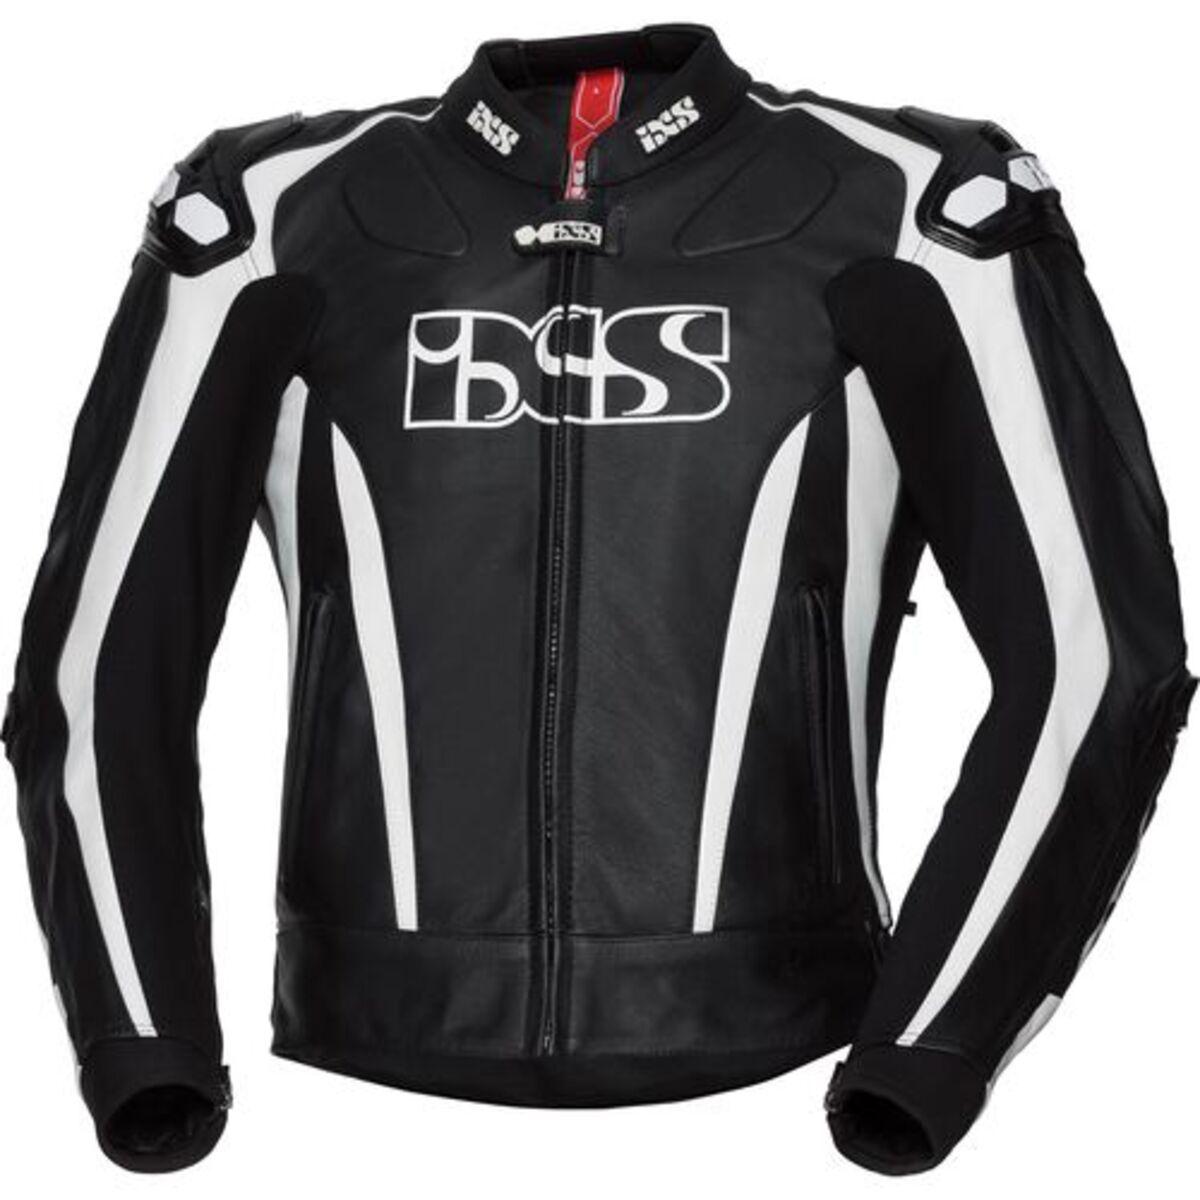 Bild 1 von IXS            Sport LD Jacke RS-1000 schwarz/weiß